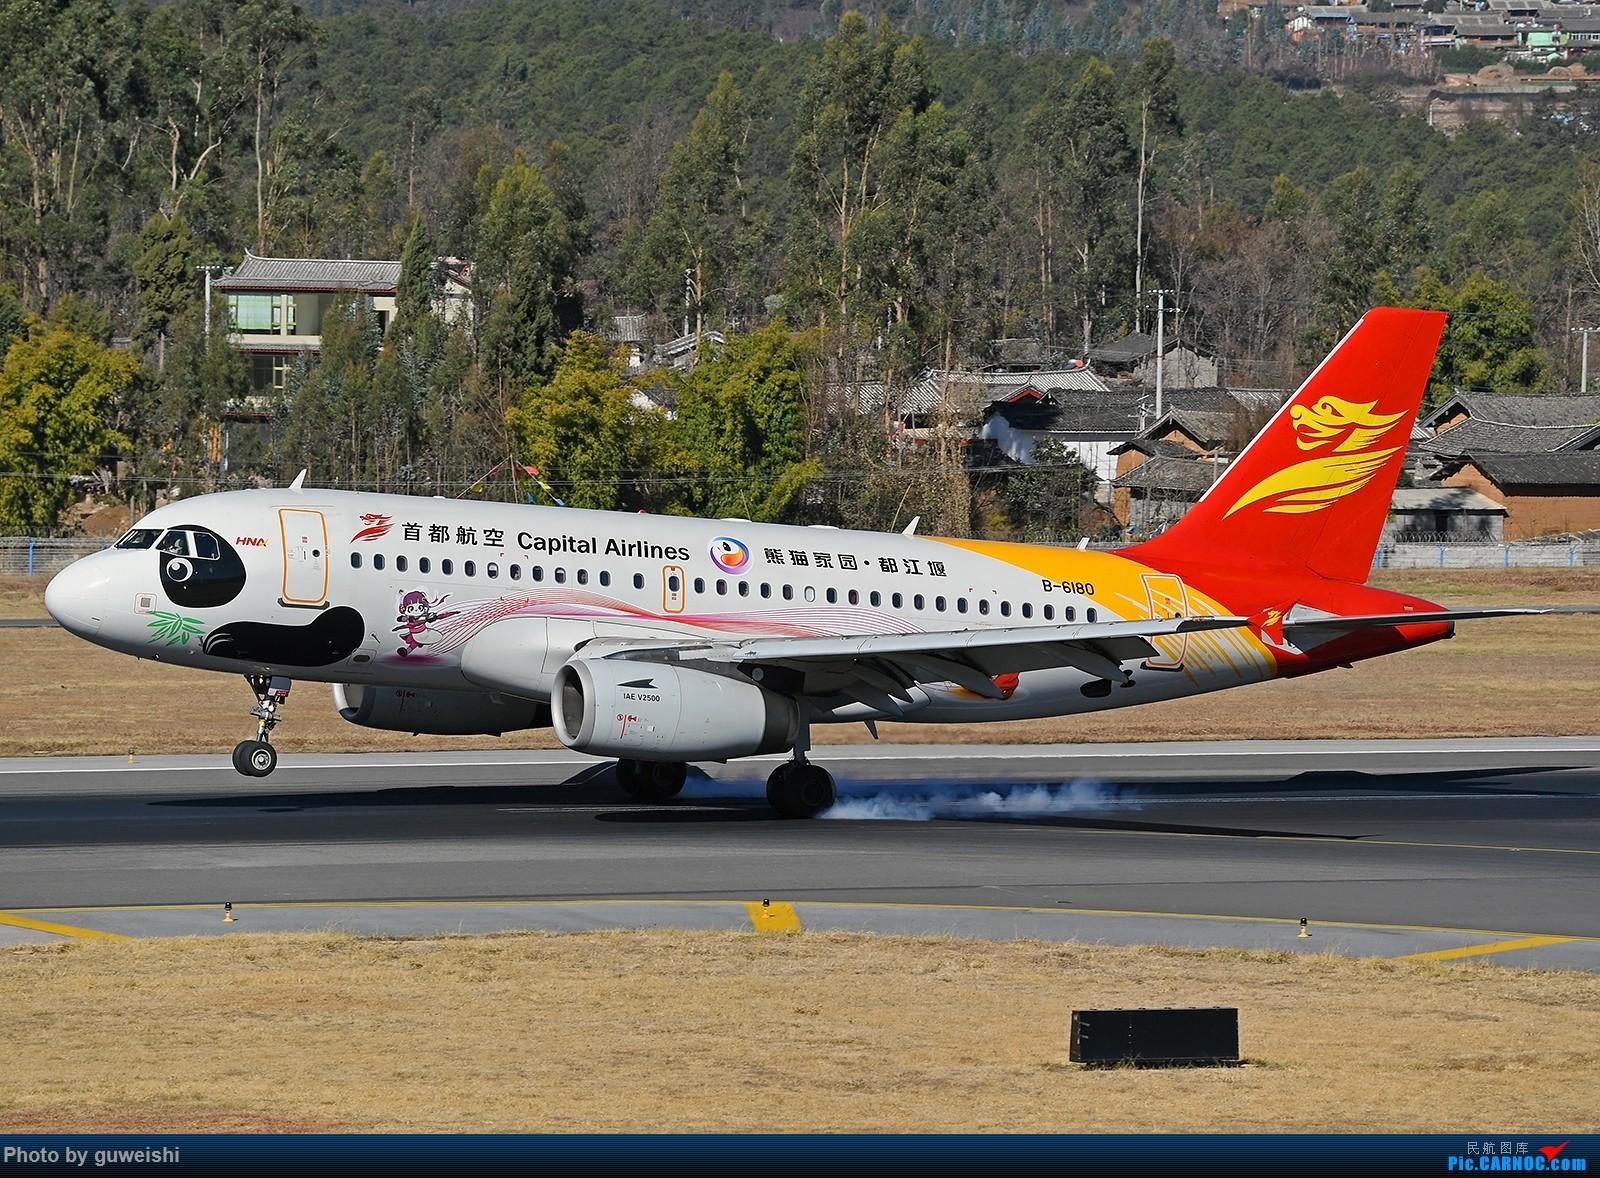 Re:[原创]【七彩天空】——雪山下的飞机,丽江三义半日拍 AIRBUS A319-100 B-6180 中国丽江三义机场